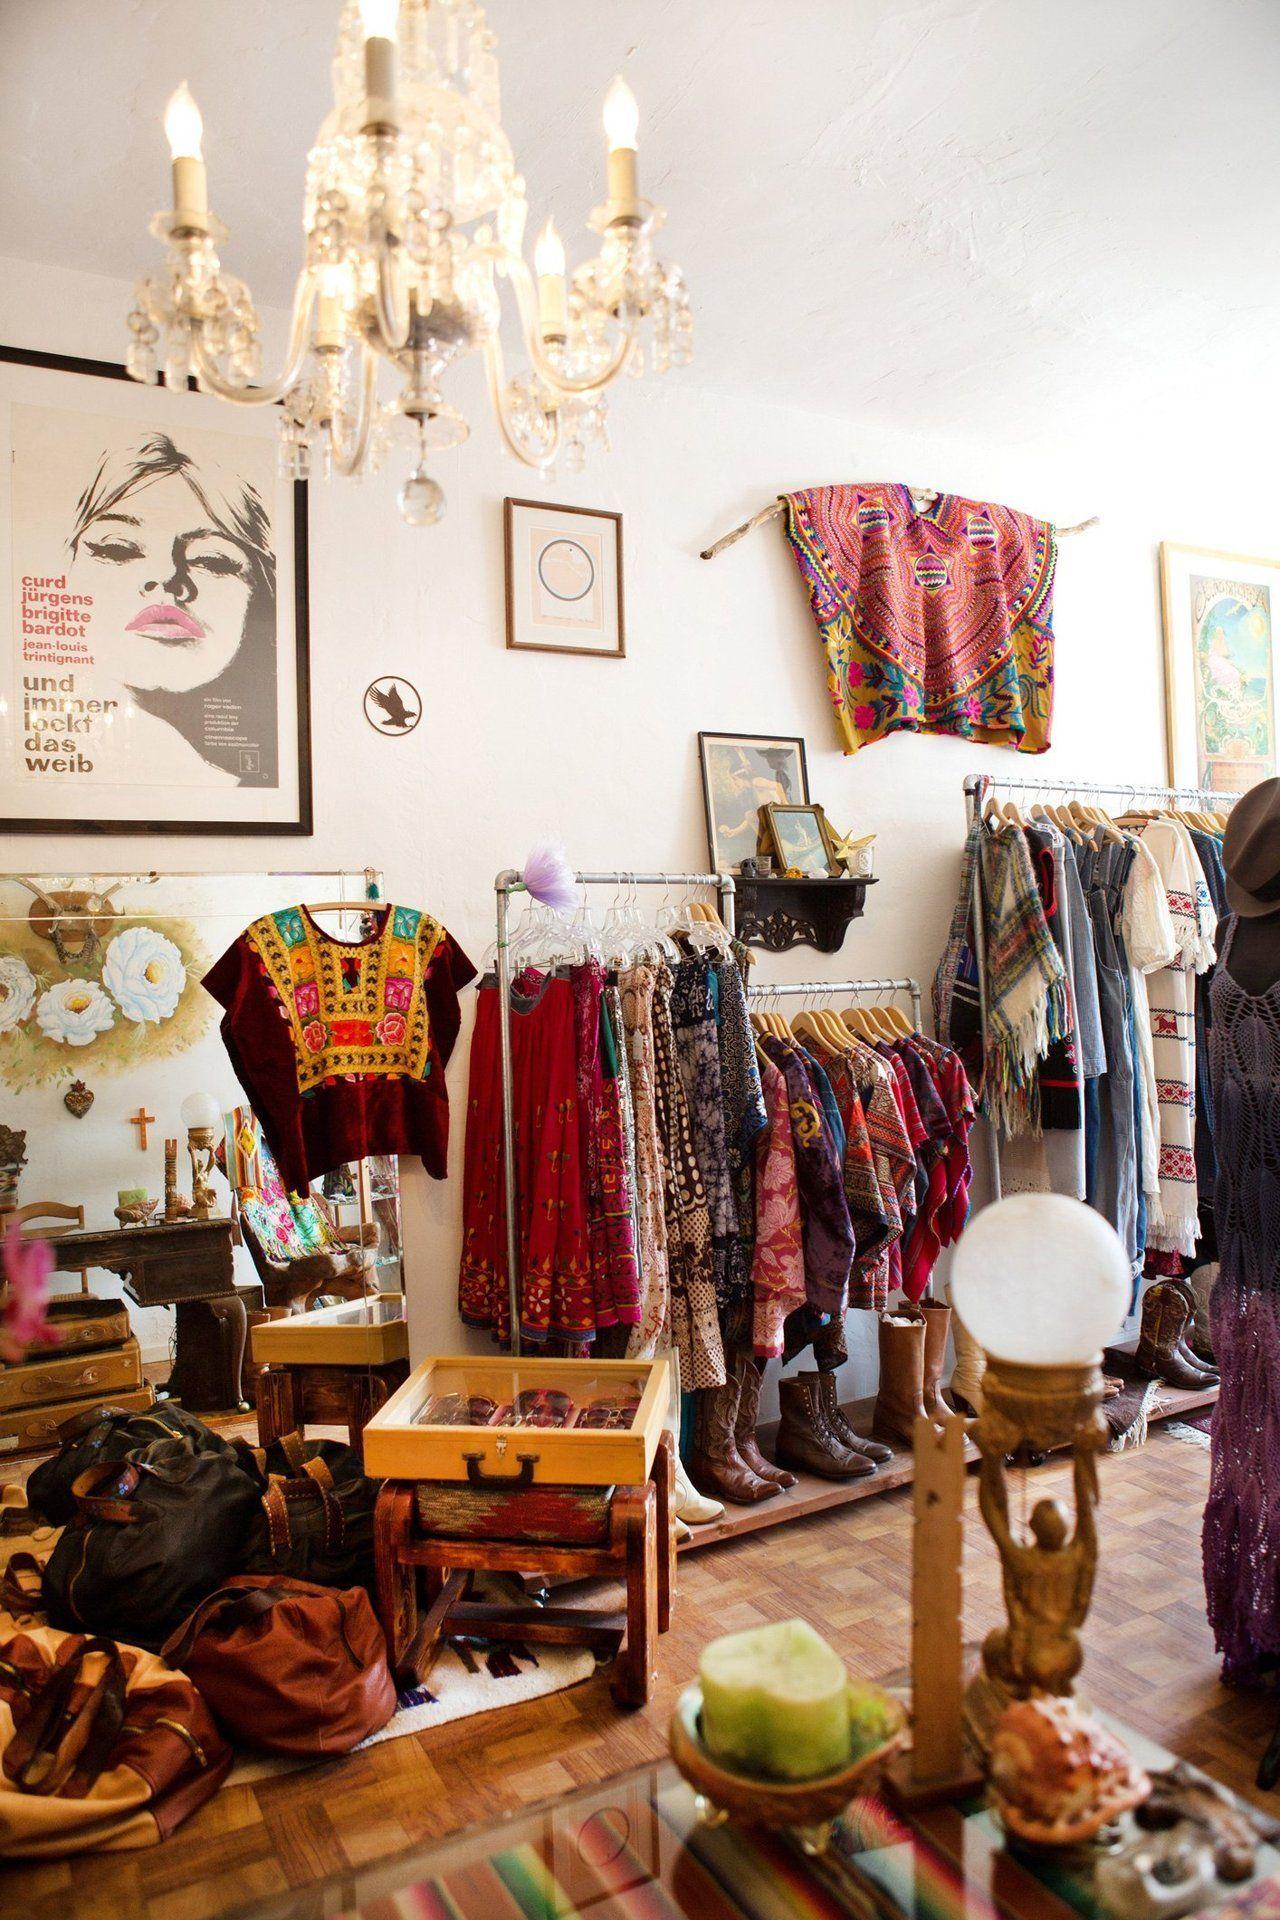 les 25 meilleures id233es de la cat233gorie boutique vintage